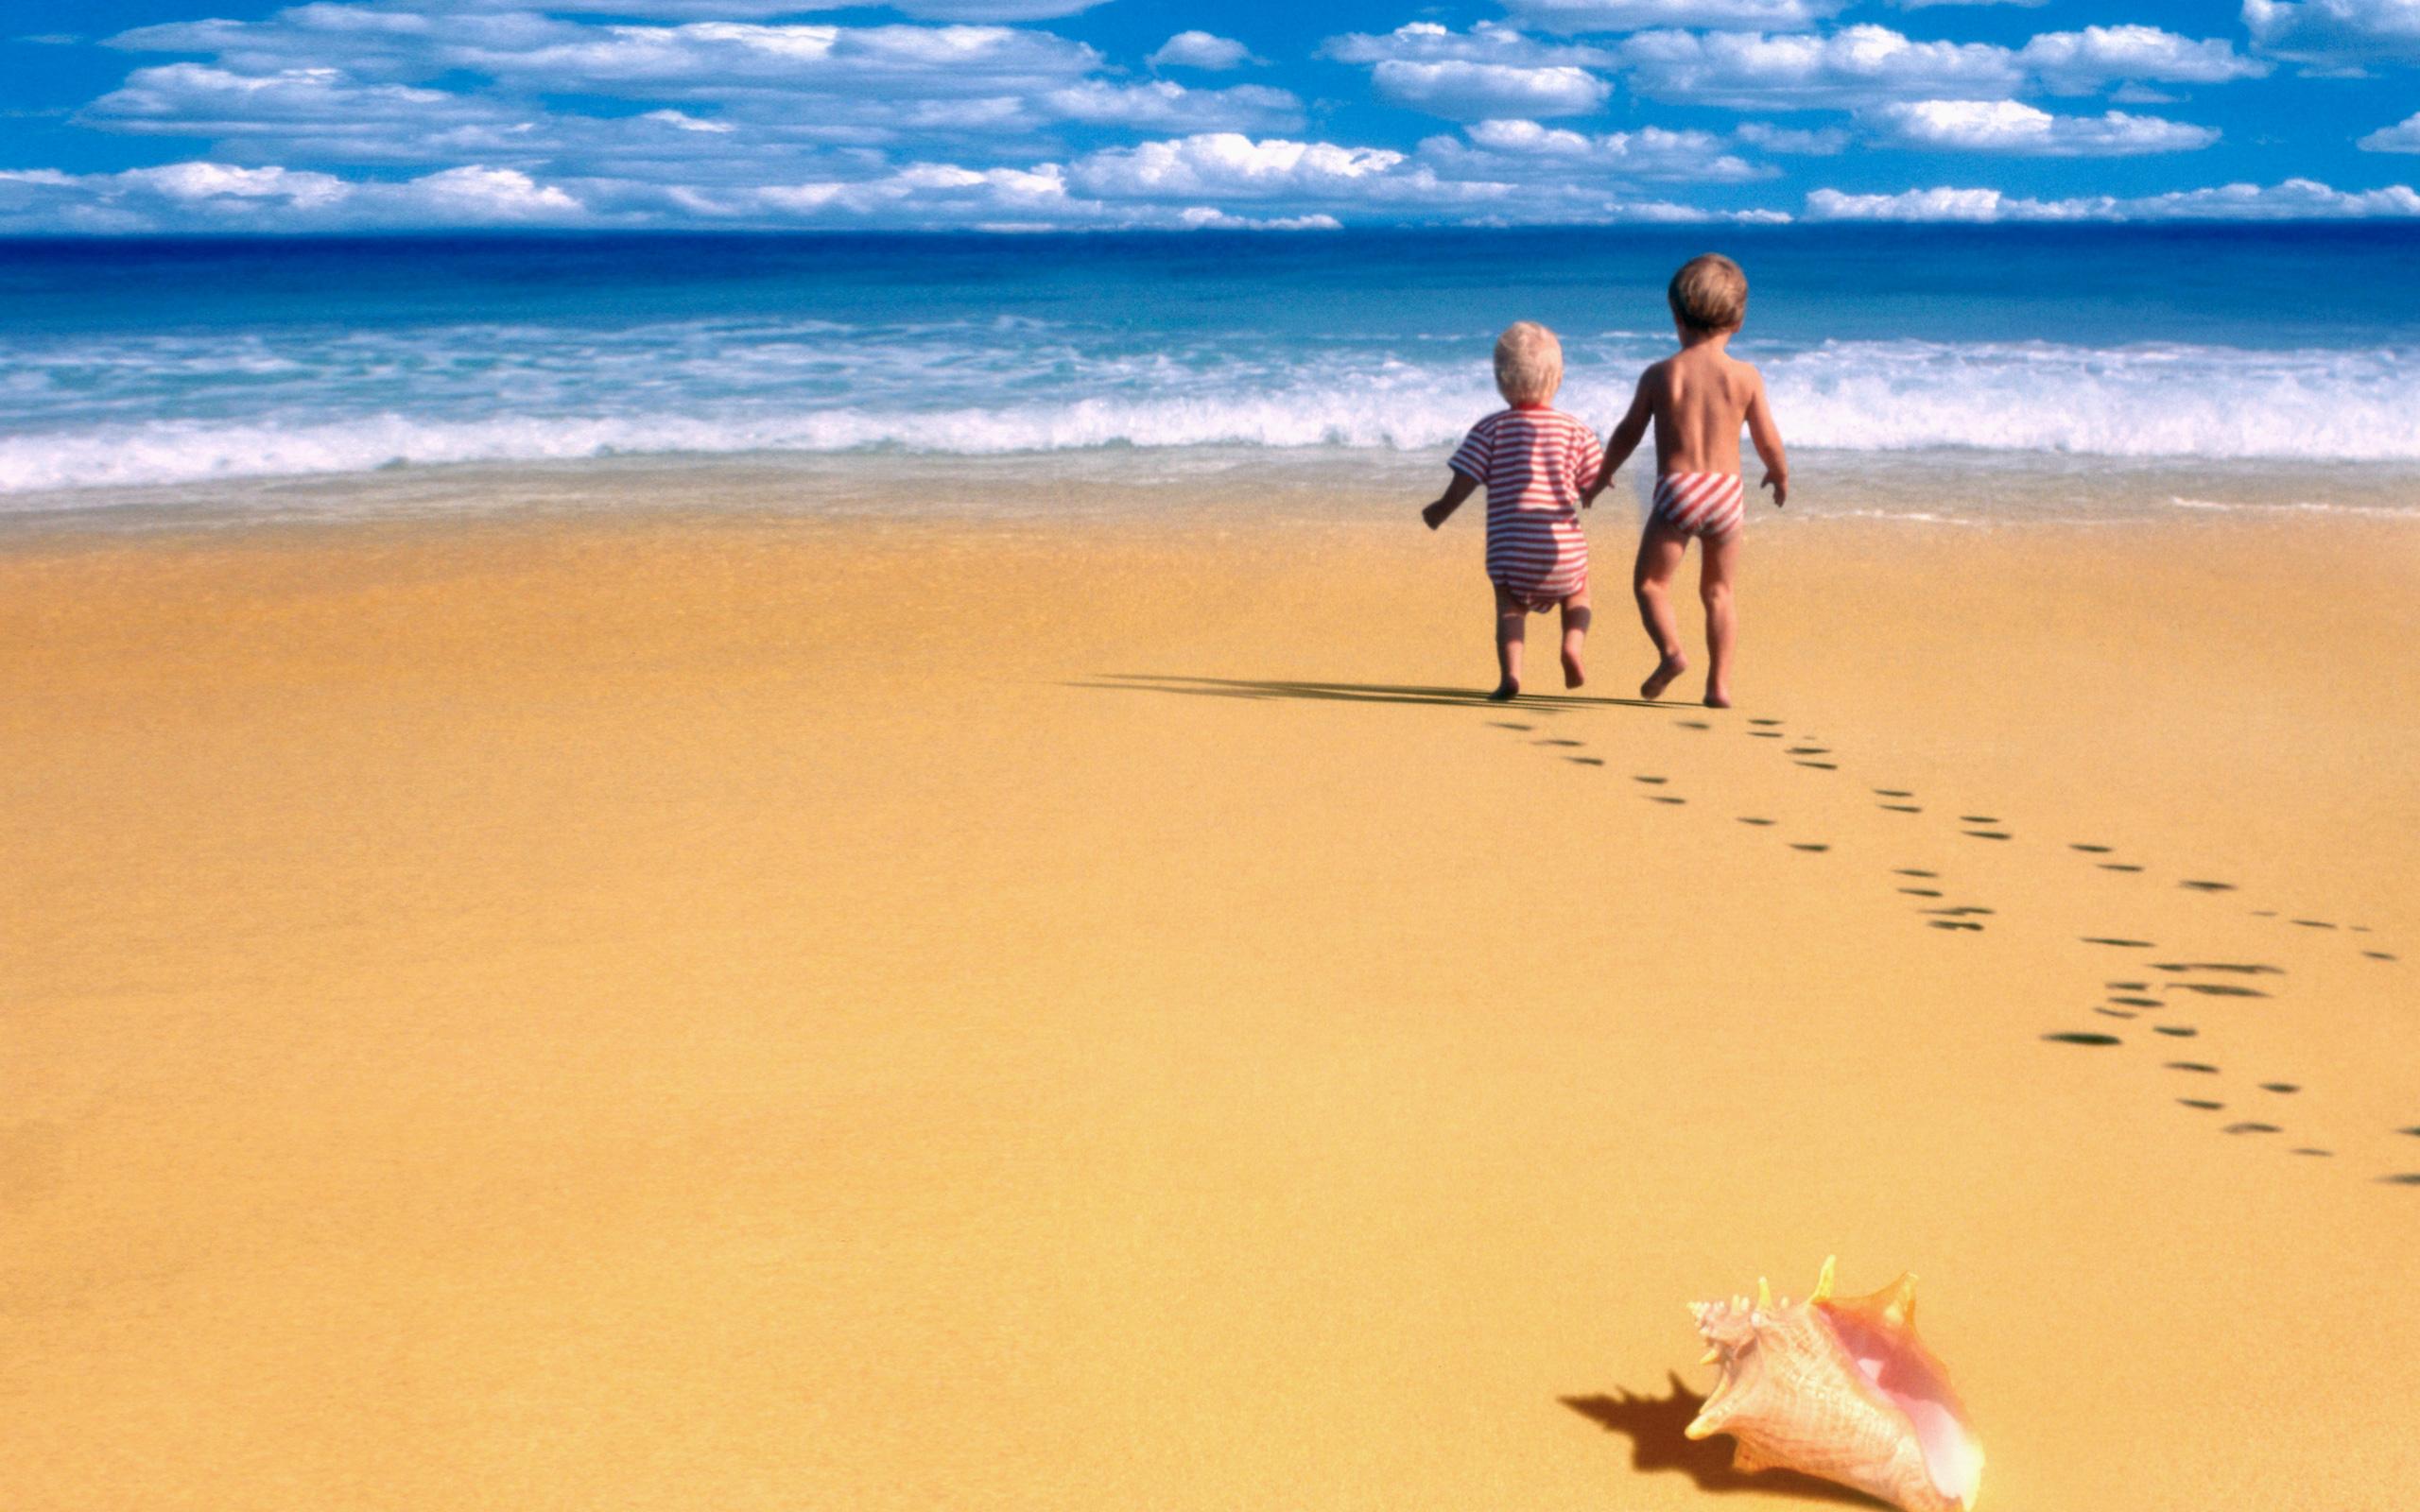 6ce611f99f7df152dc16a10d2de5dfdd - На море с ребёнком безопасно